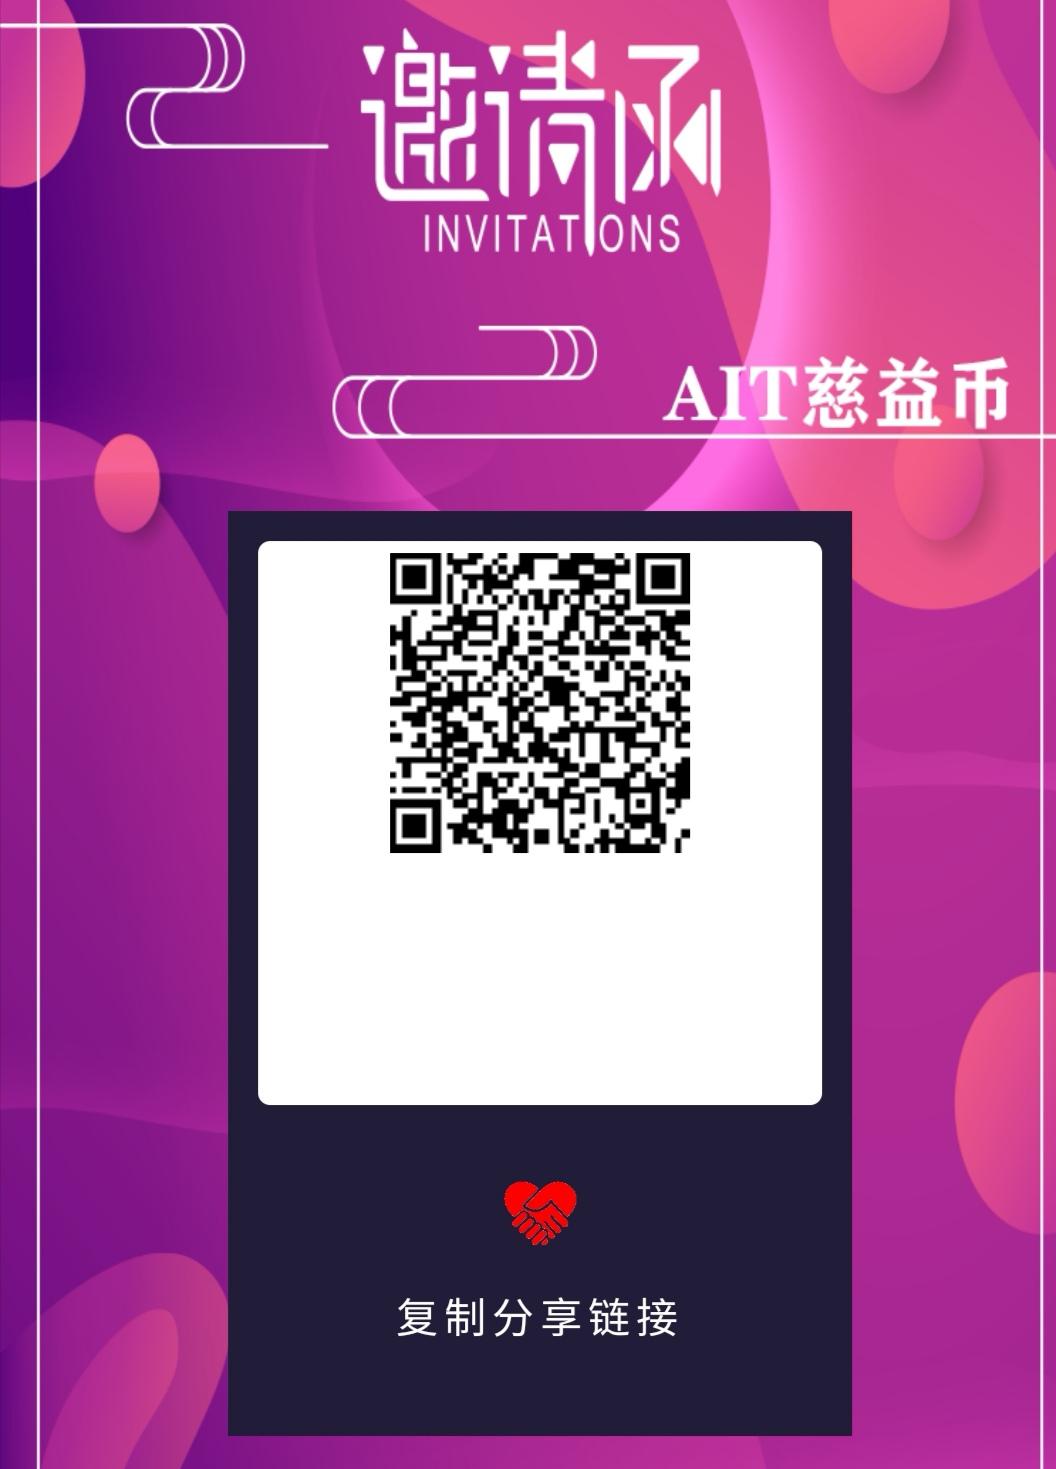 AIT慈益币,1月14日新出,注册送2台矿机